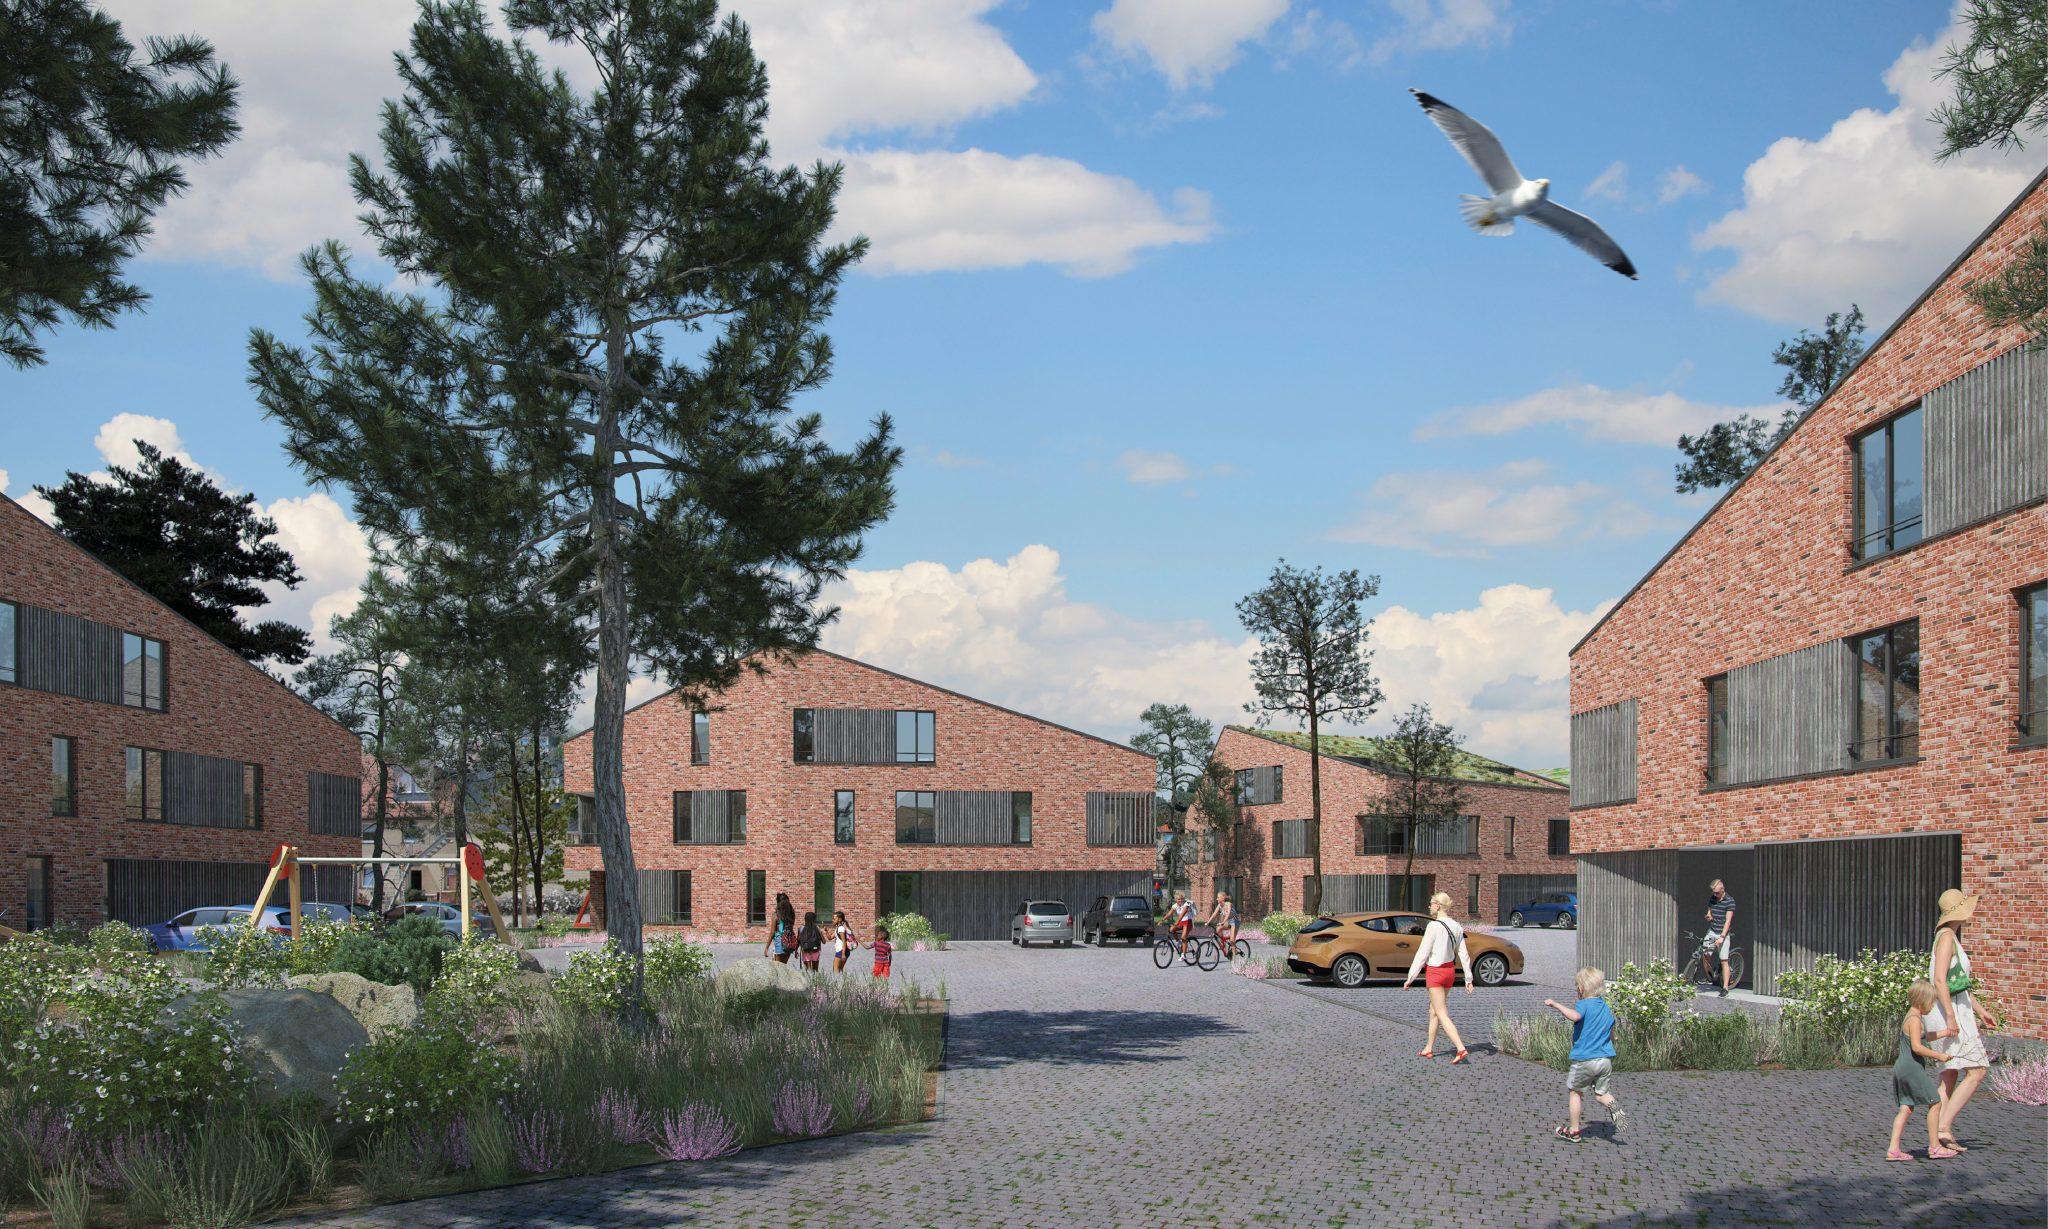 914-01-Gutachterverfahren-Sylt-fuer-Internetseite-2048x1229-BSP-Architekten-Kiel